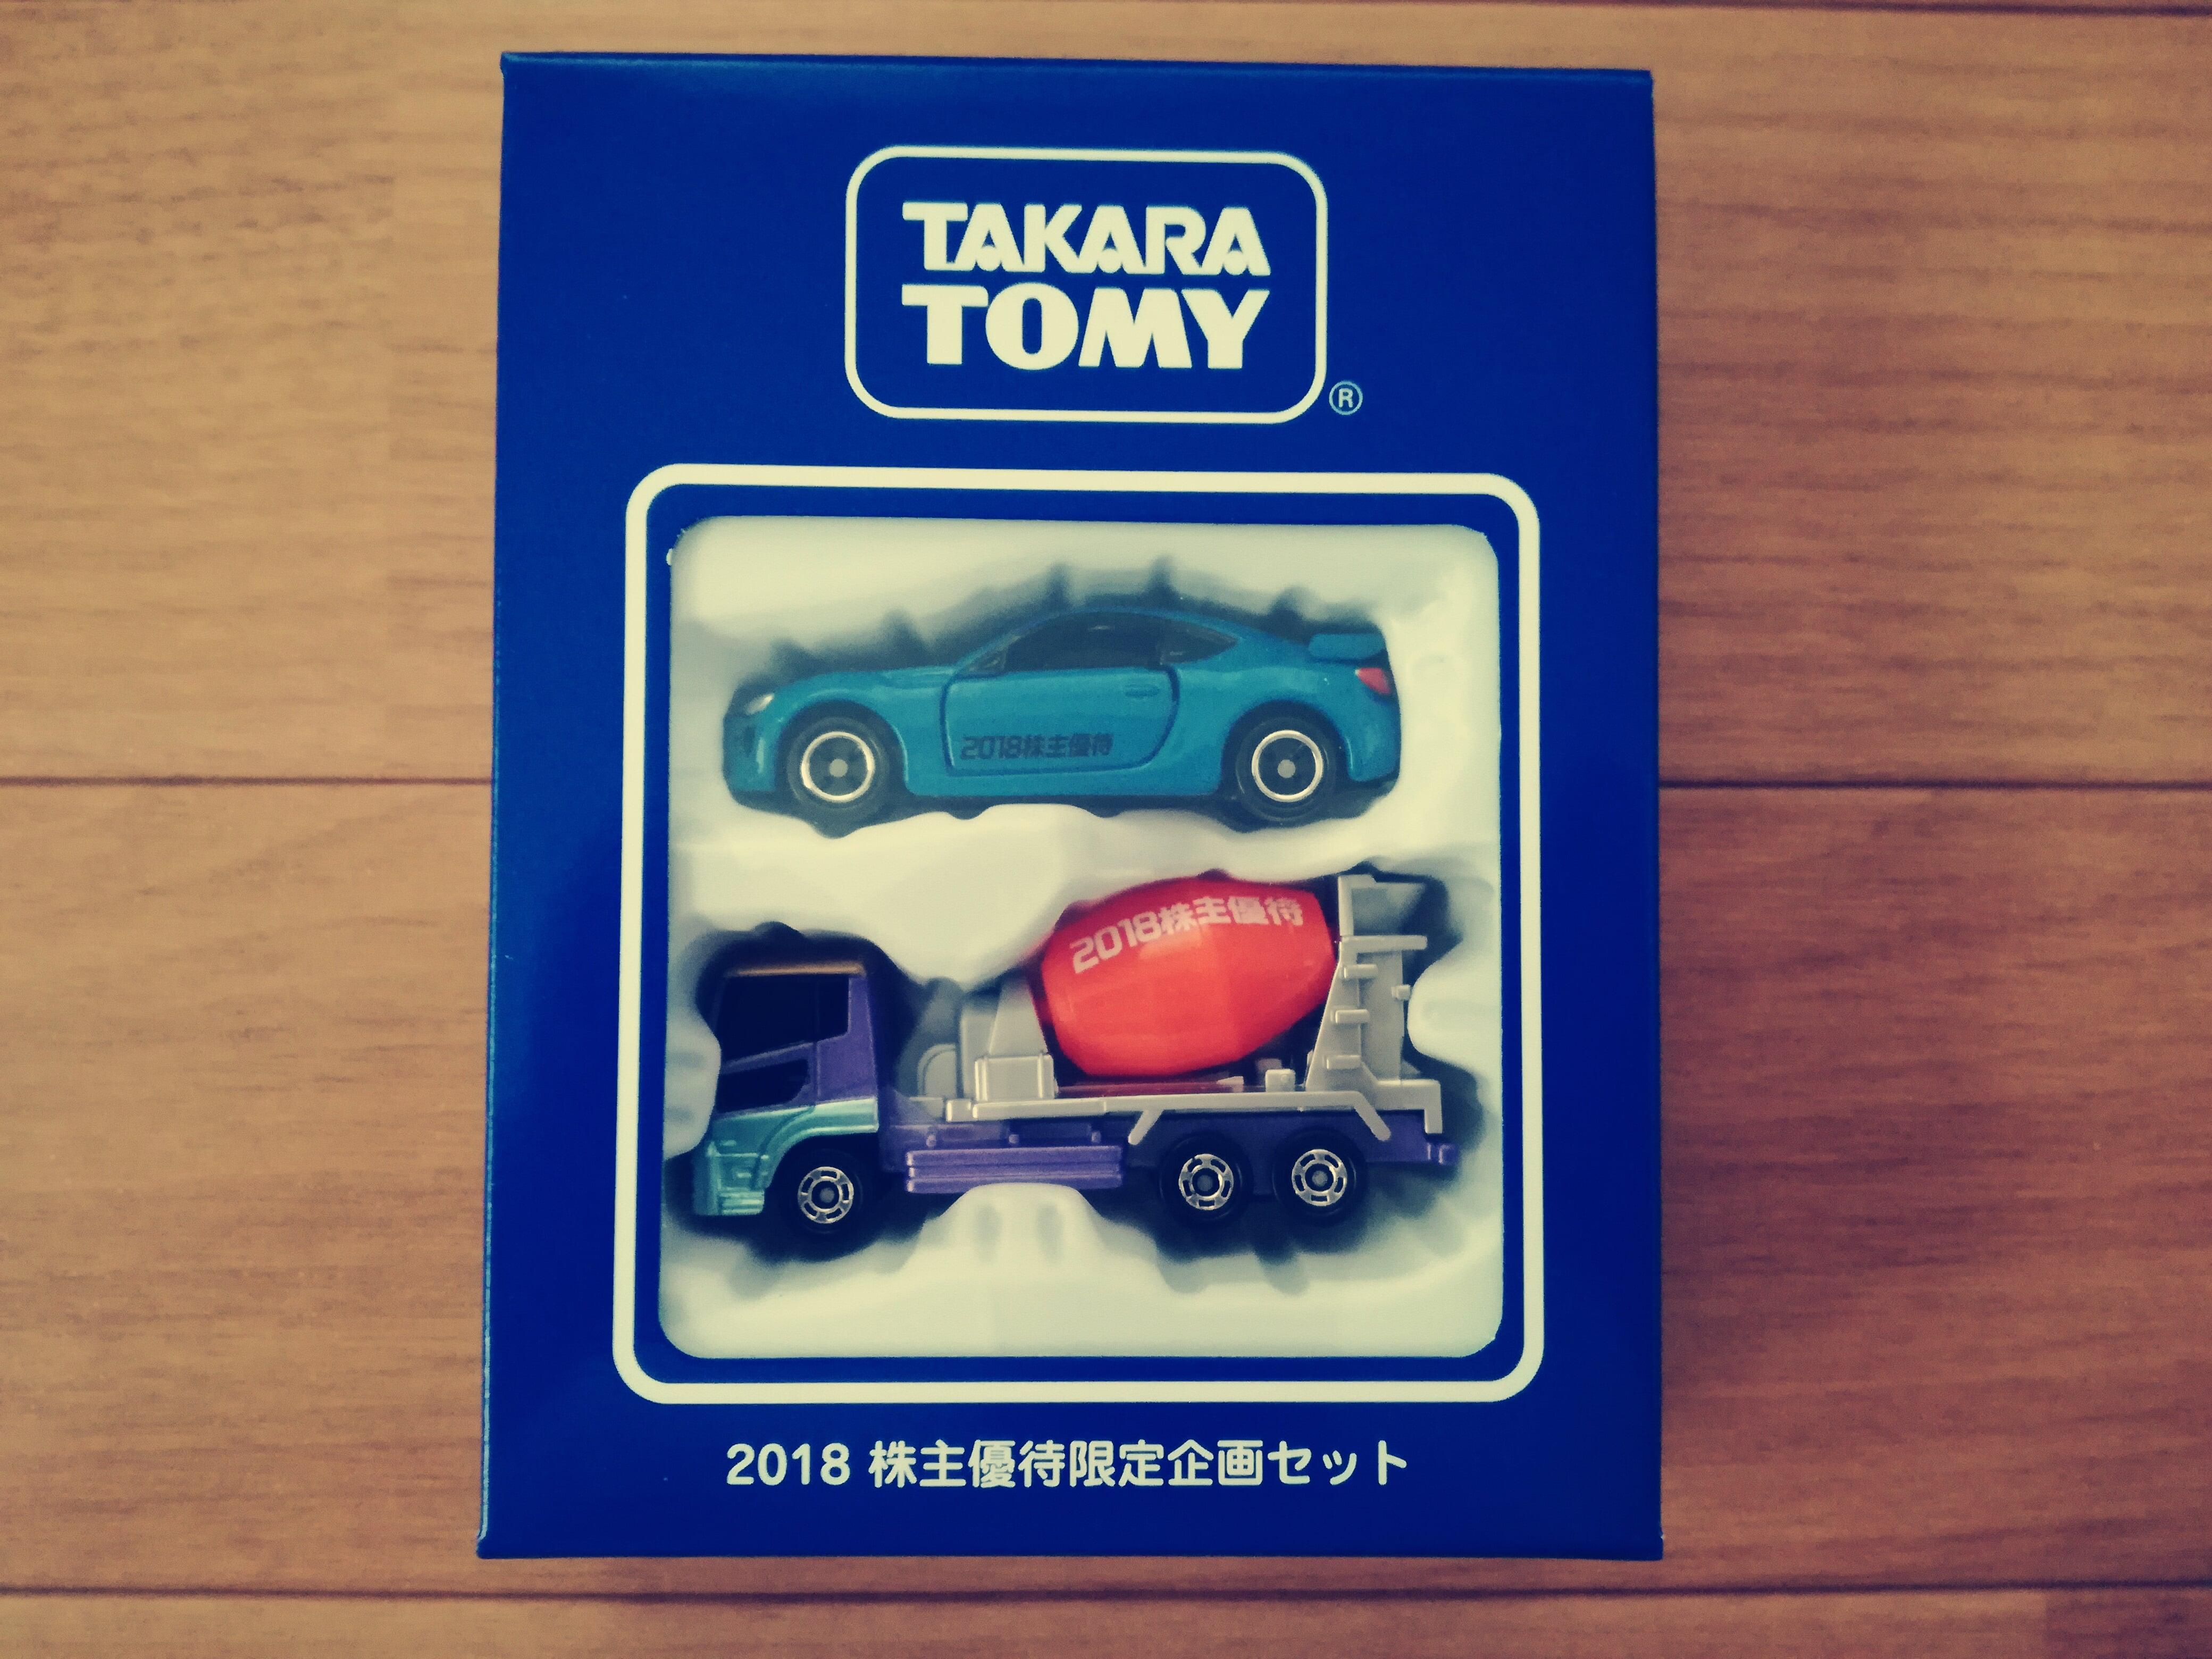 タカラトミー(7867)から3月権利の株主優待トミカ2台がやっと到着!